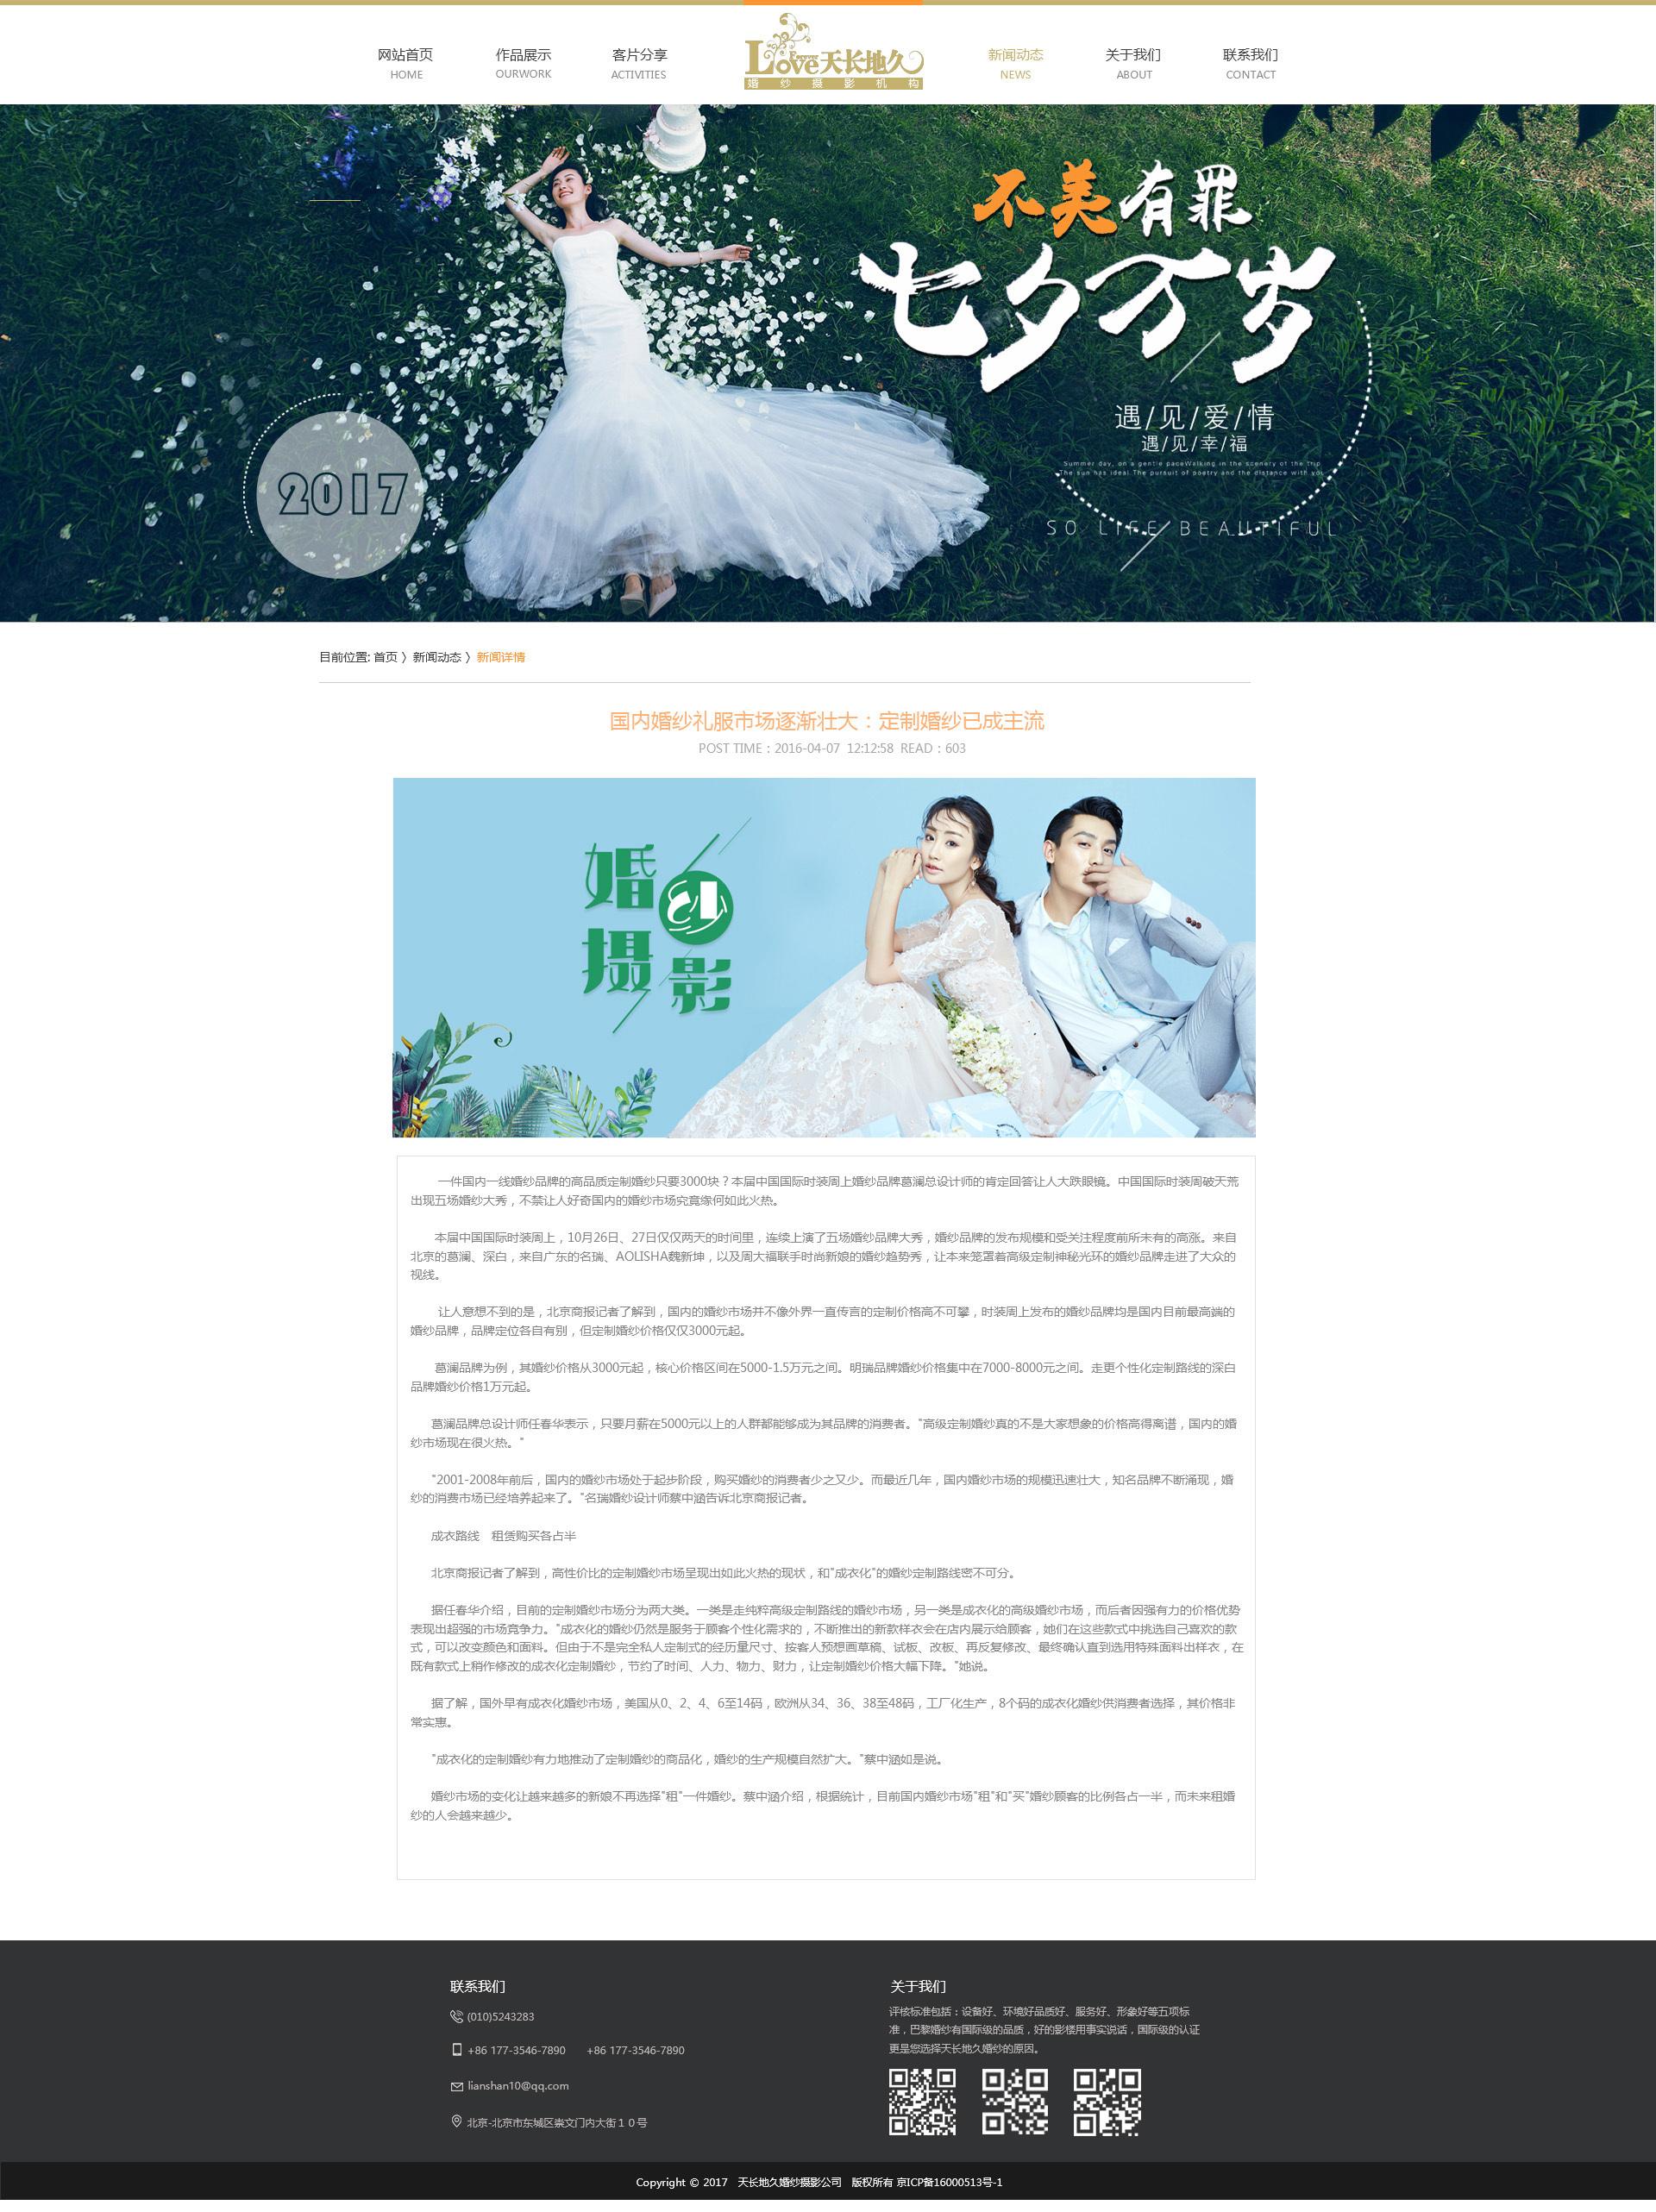 天长地久企业 婚纱 网页官网 2823179080襄阳市建筑设计院怎么样6图片